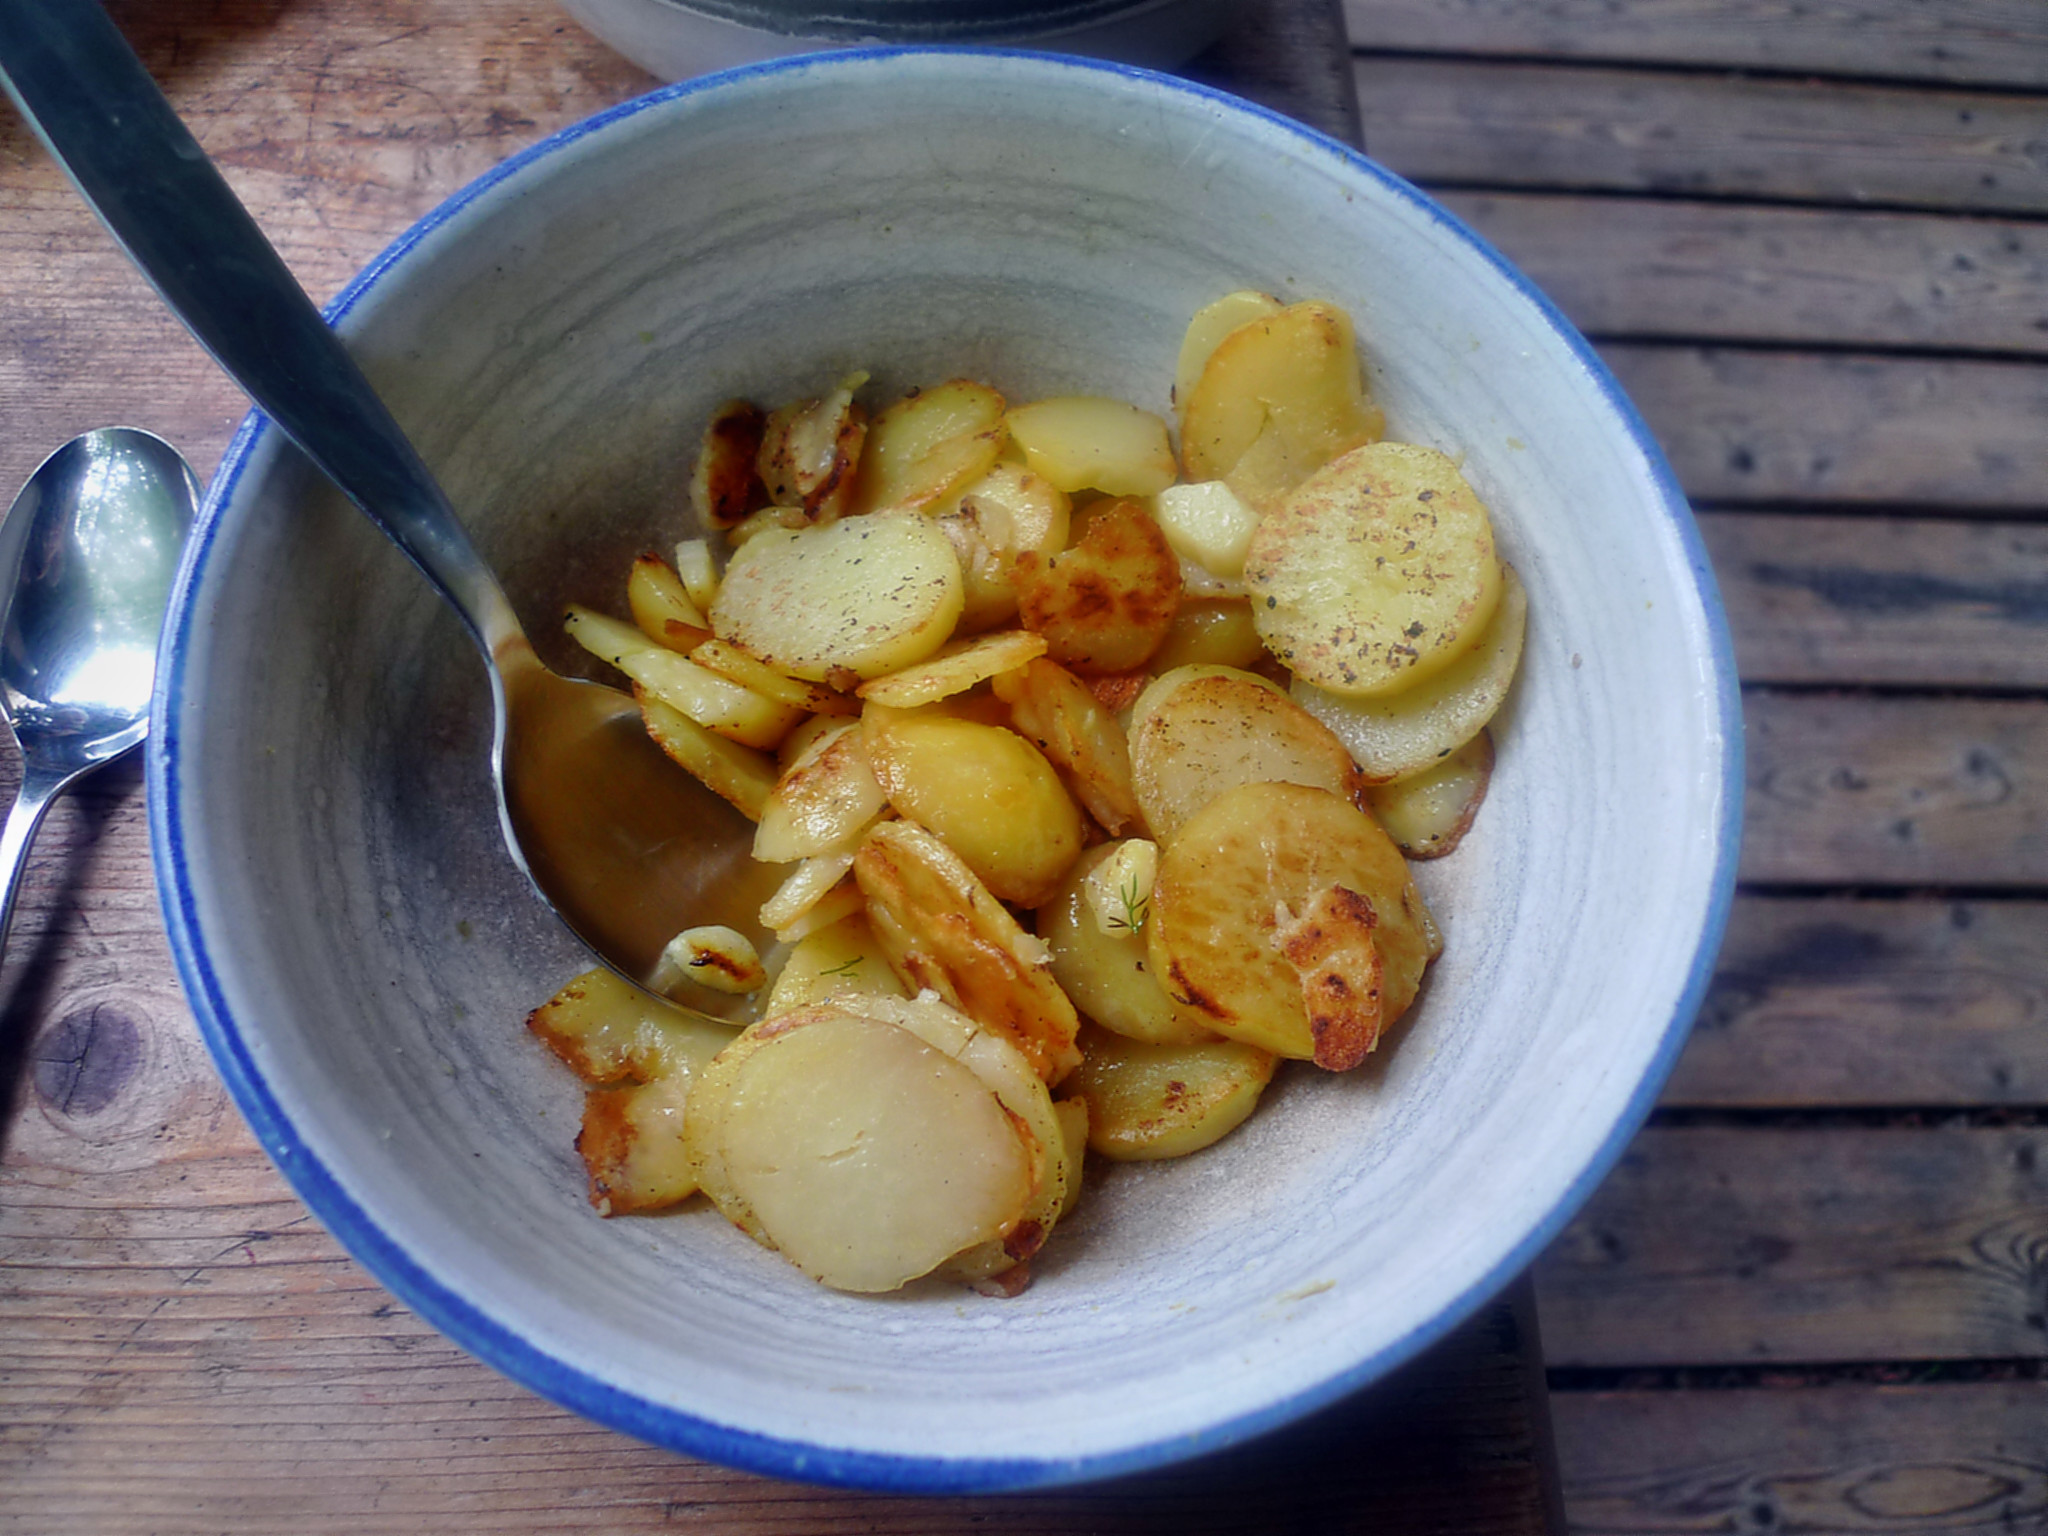 Gemüsepfanne-Dip-Bratkartoffel-21.7.14   (12)